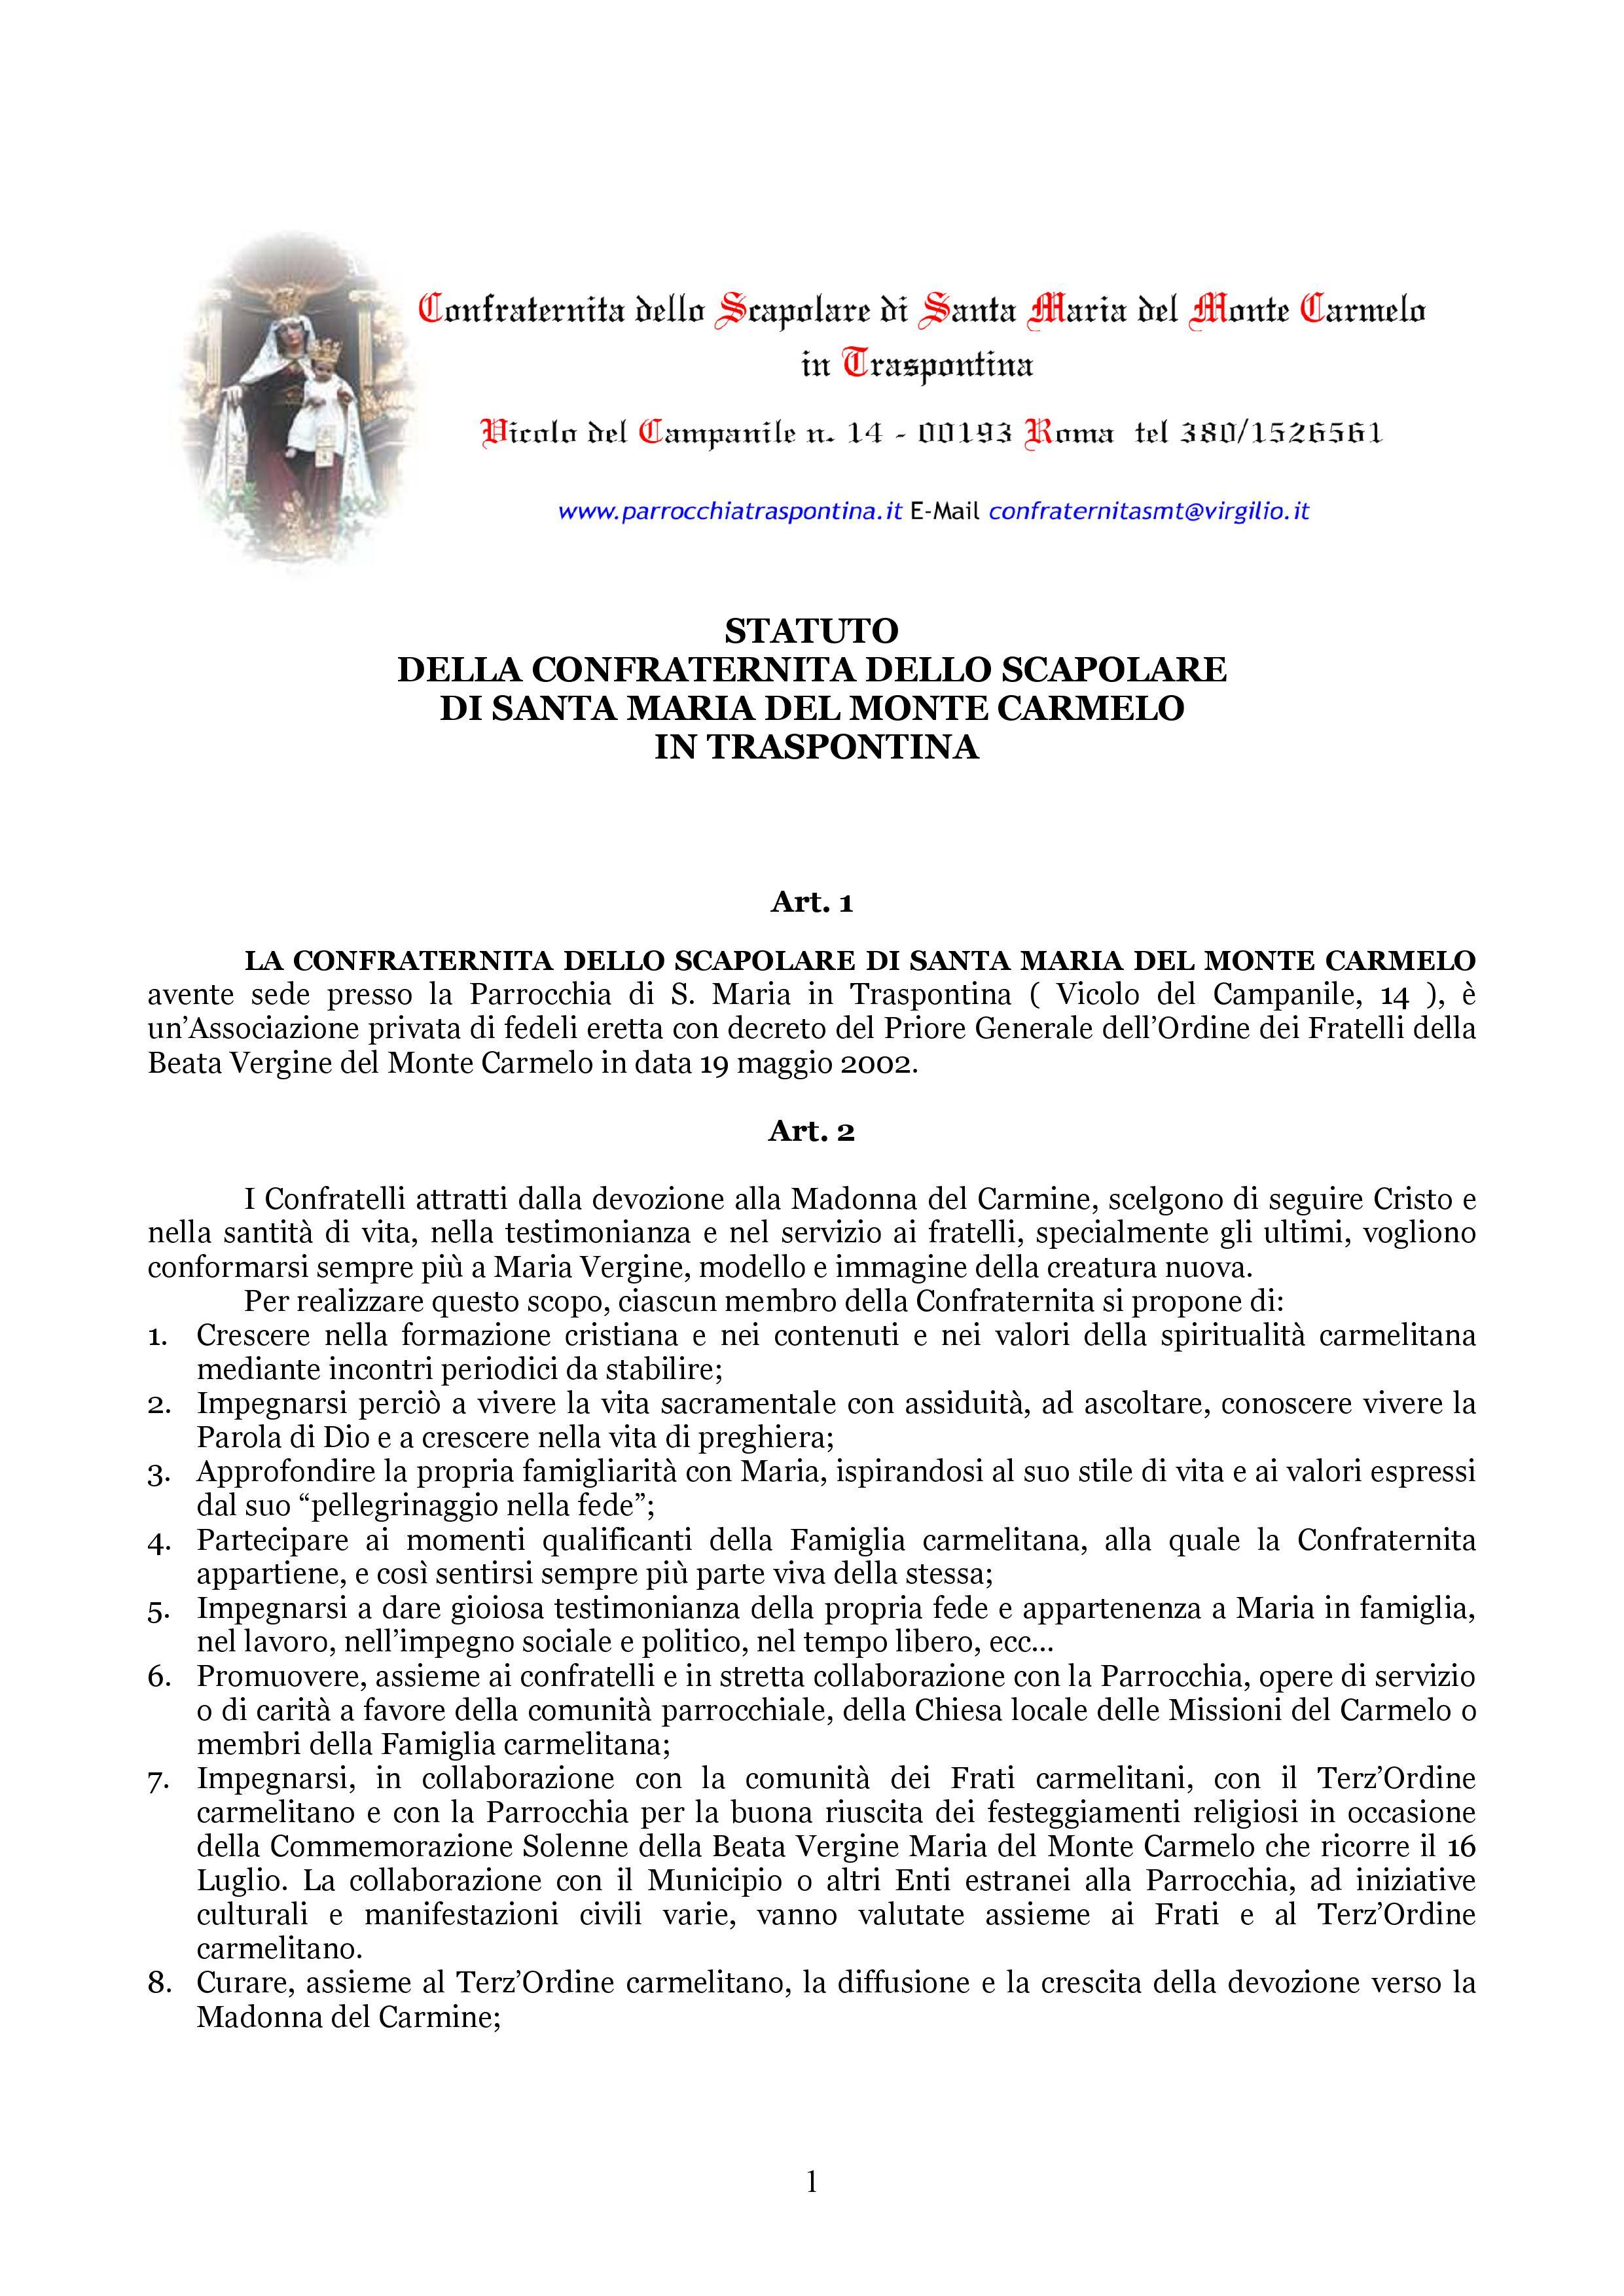 Confraternita dello Scapolare di Santa Maria del Monte Carmelo